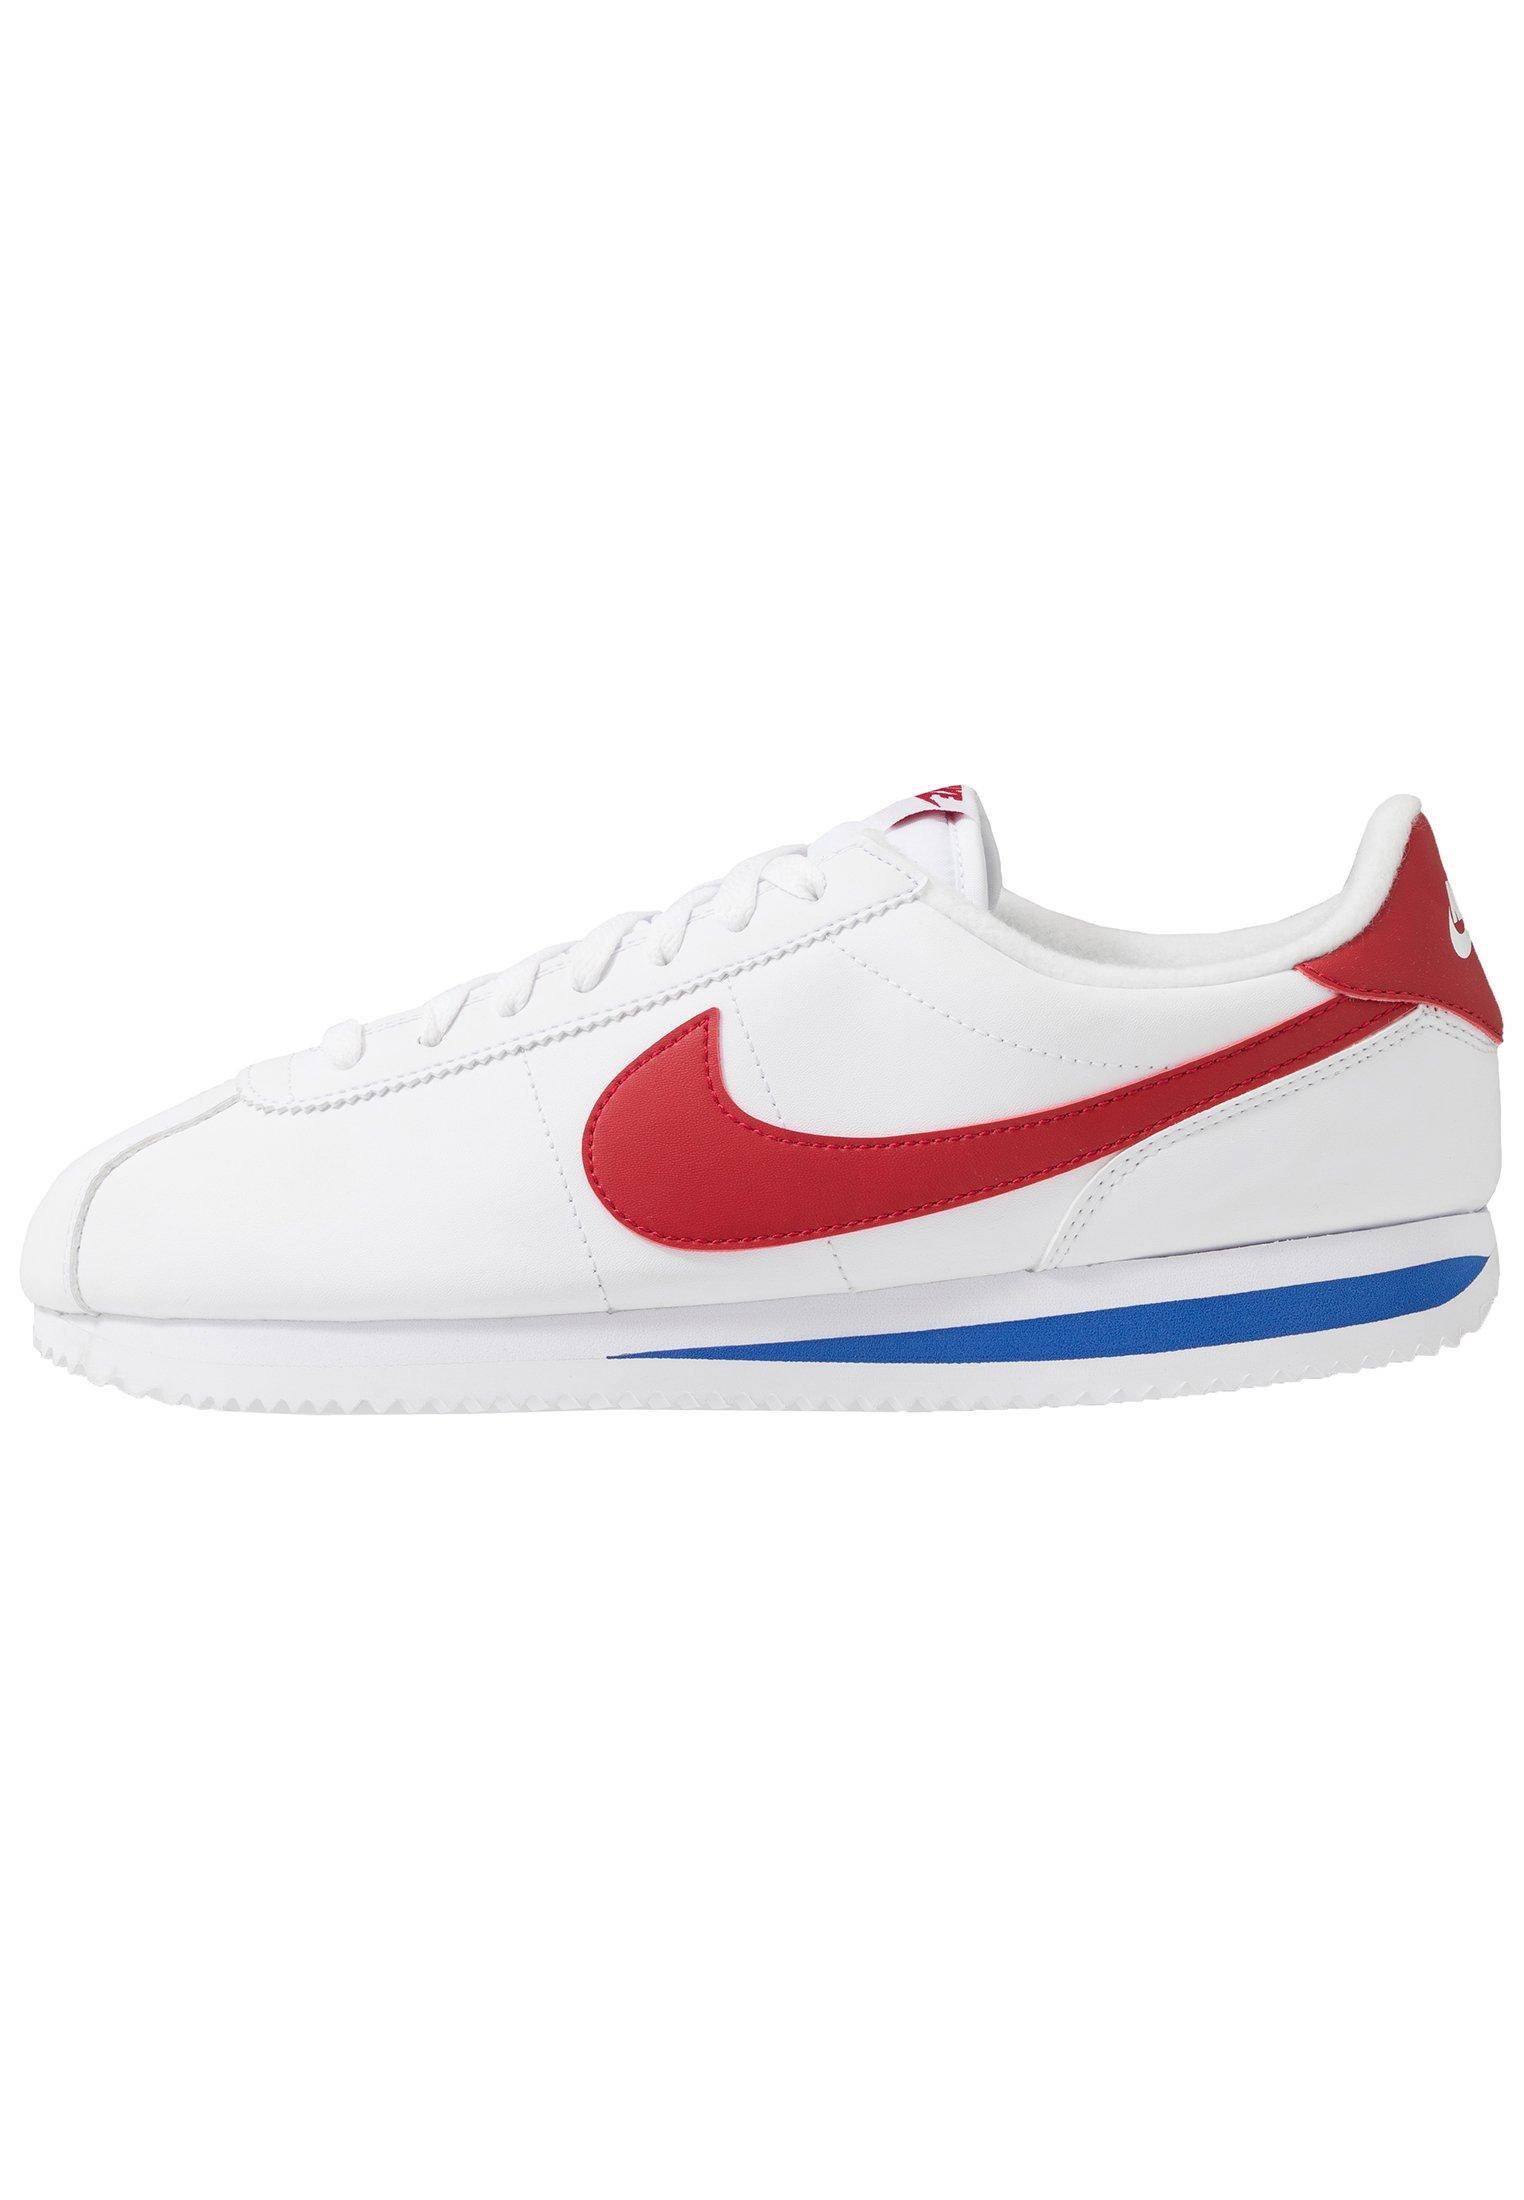 Zapatos Nike de hombre en oferta | Outlet online en Zalando